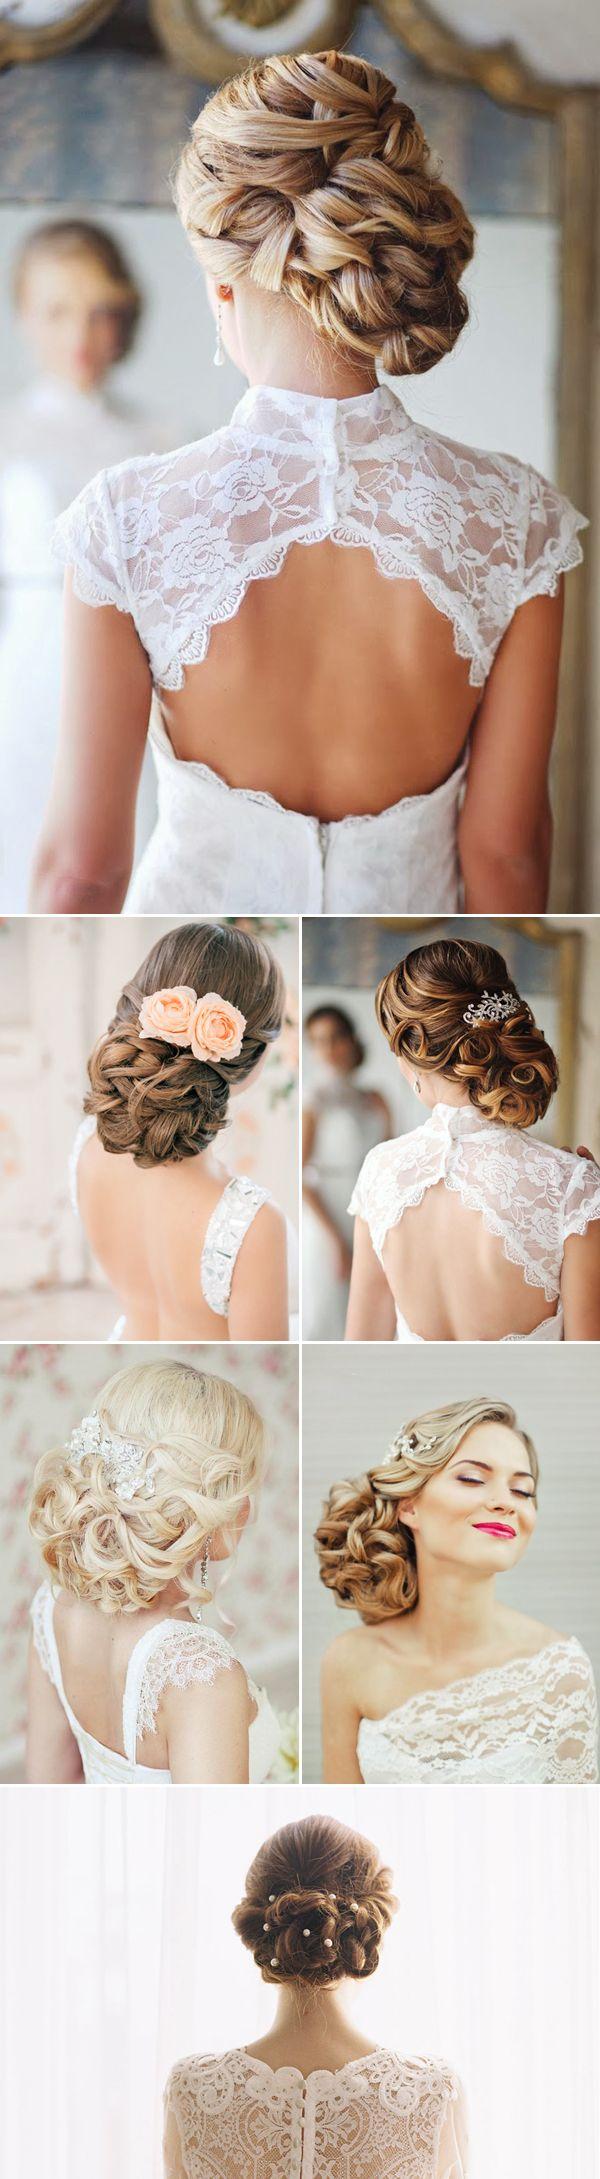 Peinados de novia recogidos bajos. Un peinado recogido no sólo da la apariencia nupcial que deseas sino que también destaca tus rasgos faciales y tu estilo único.